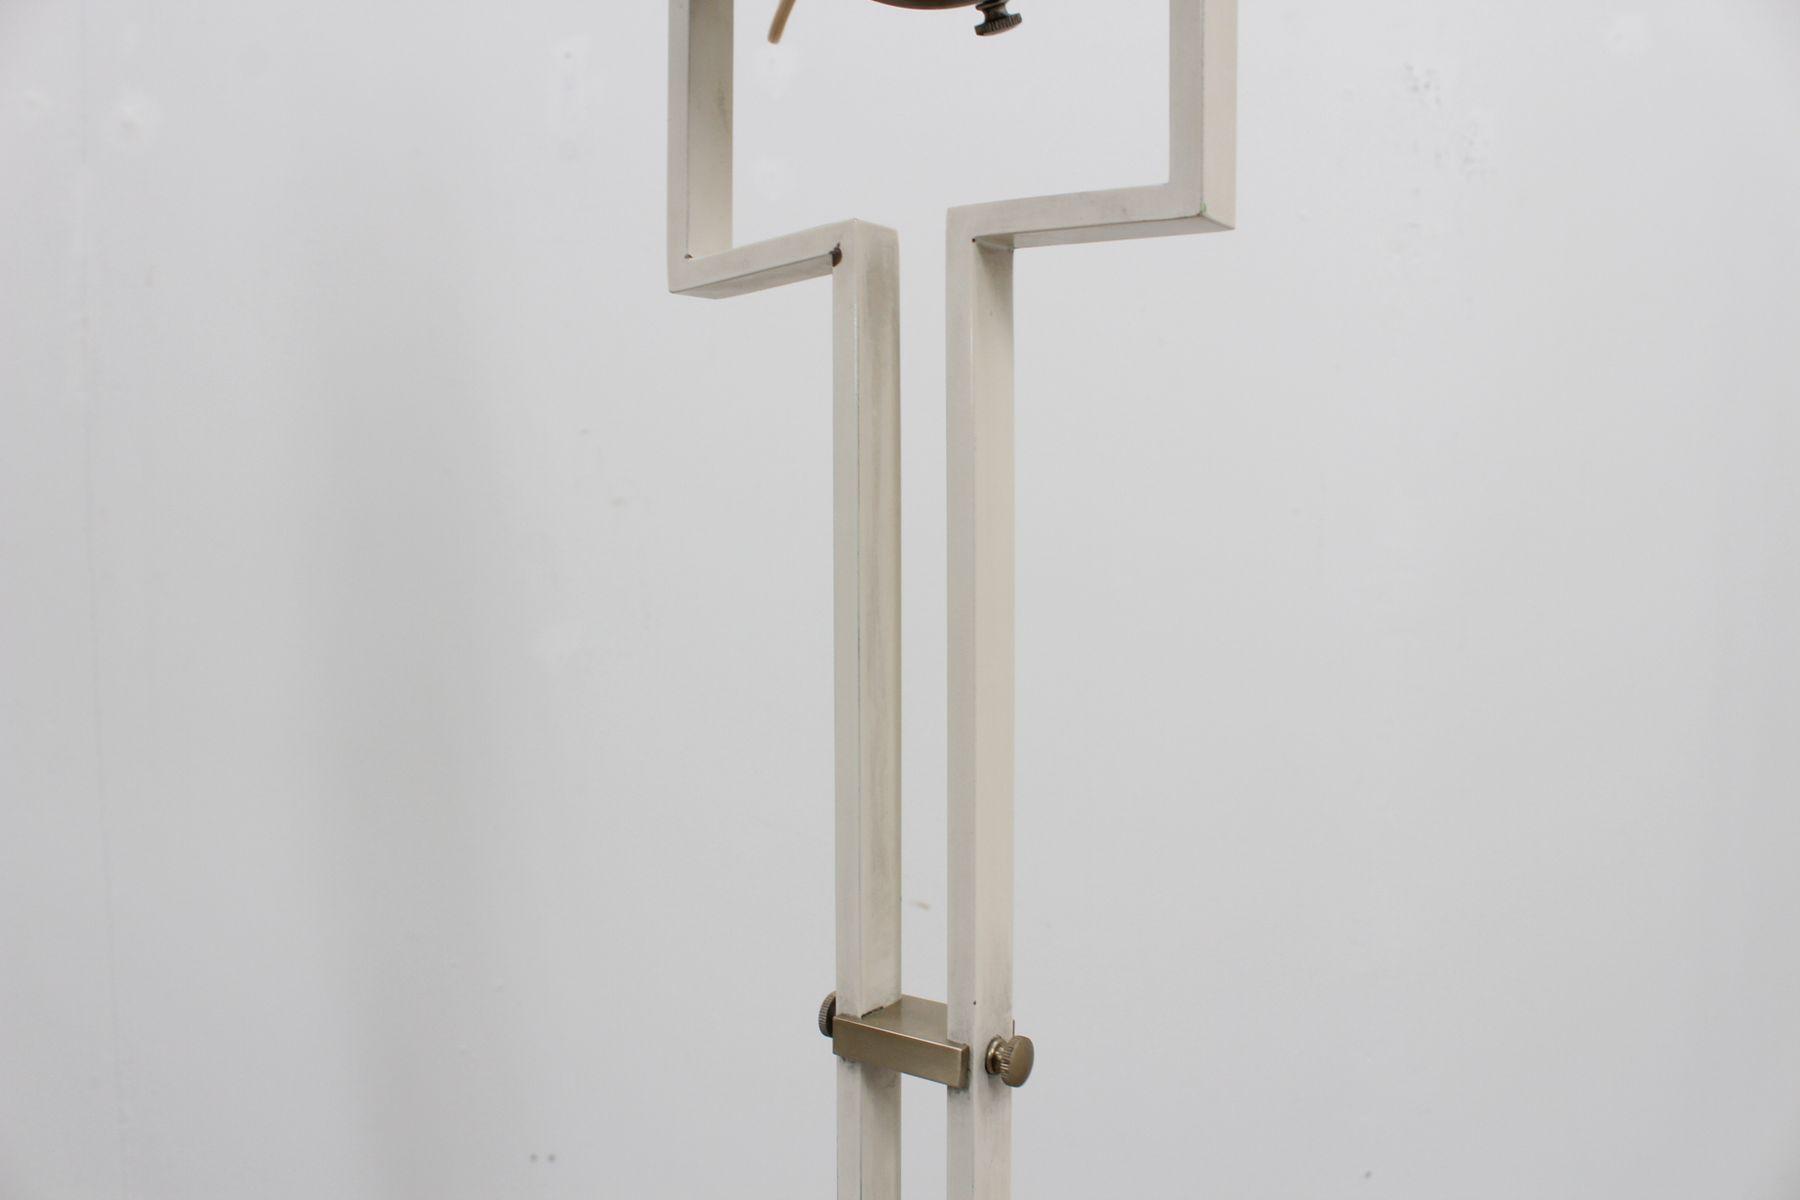 italienische stehlampe mit drei leuchten von oma 1960er bei pamono kaufen. Black Bedroom Furniture Sets. Home Design Ideas